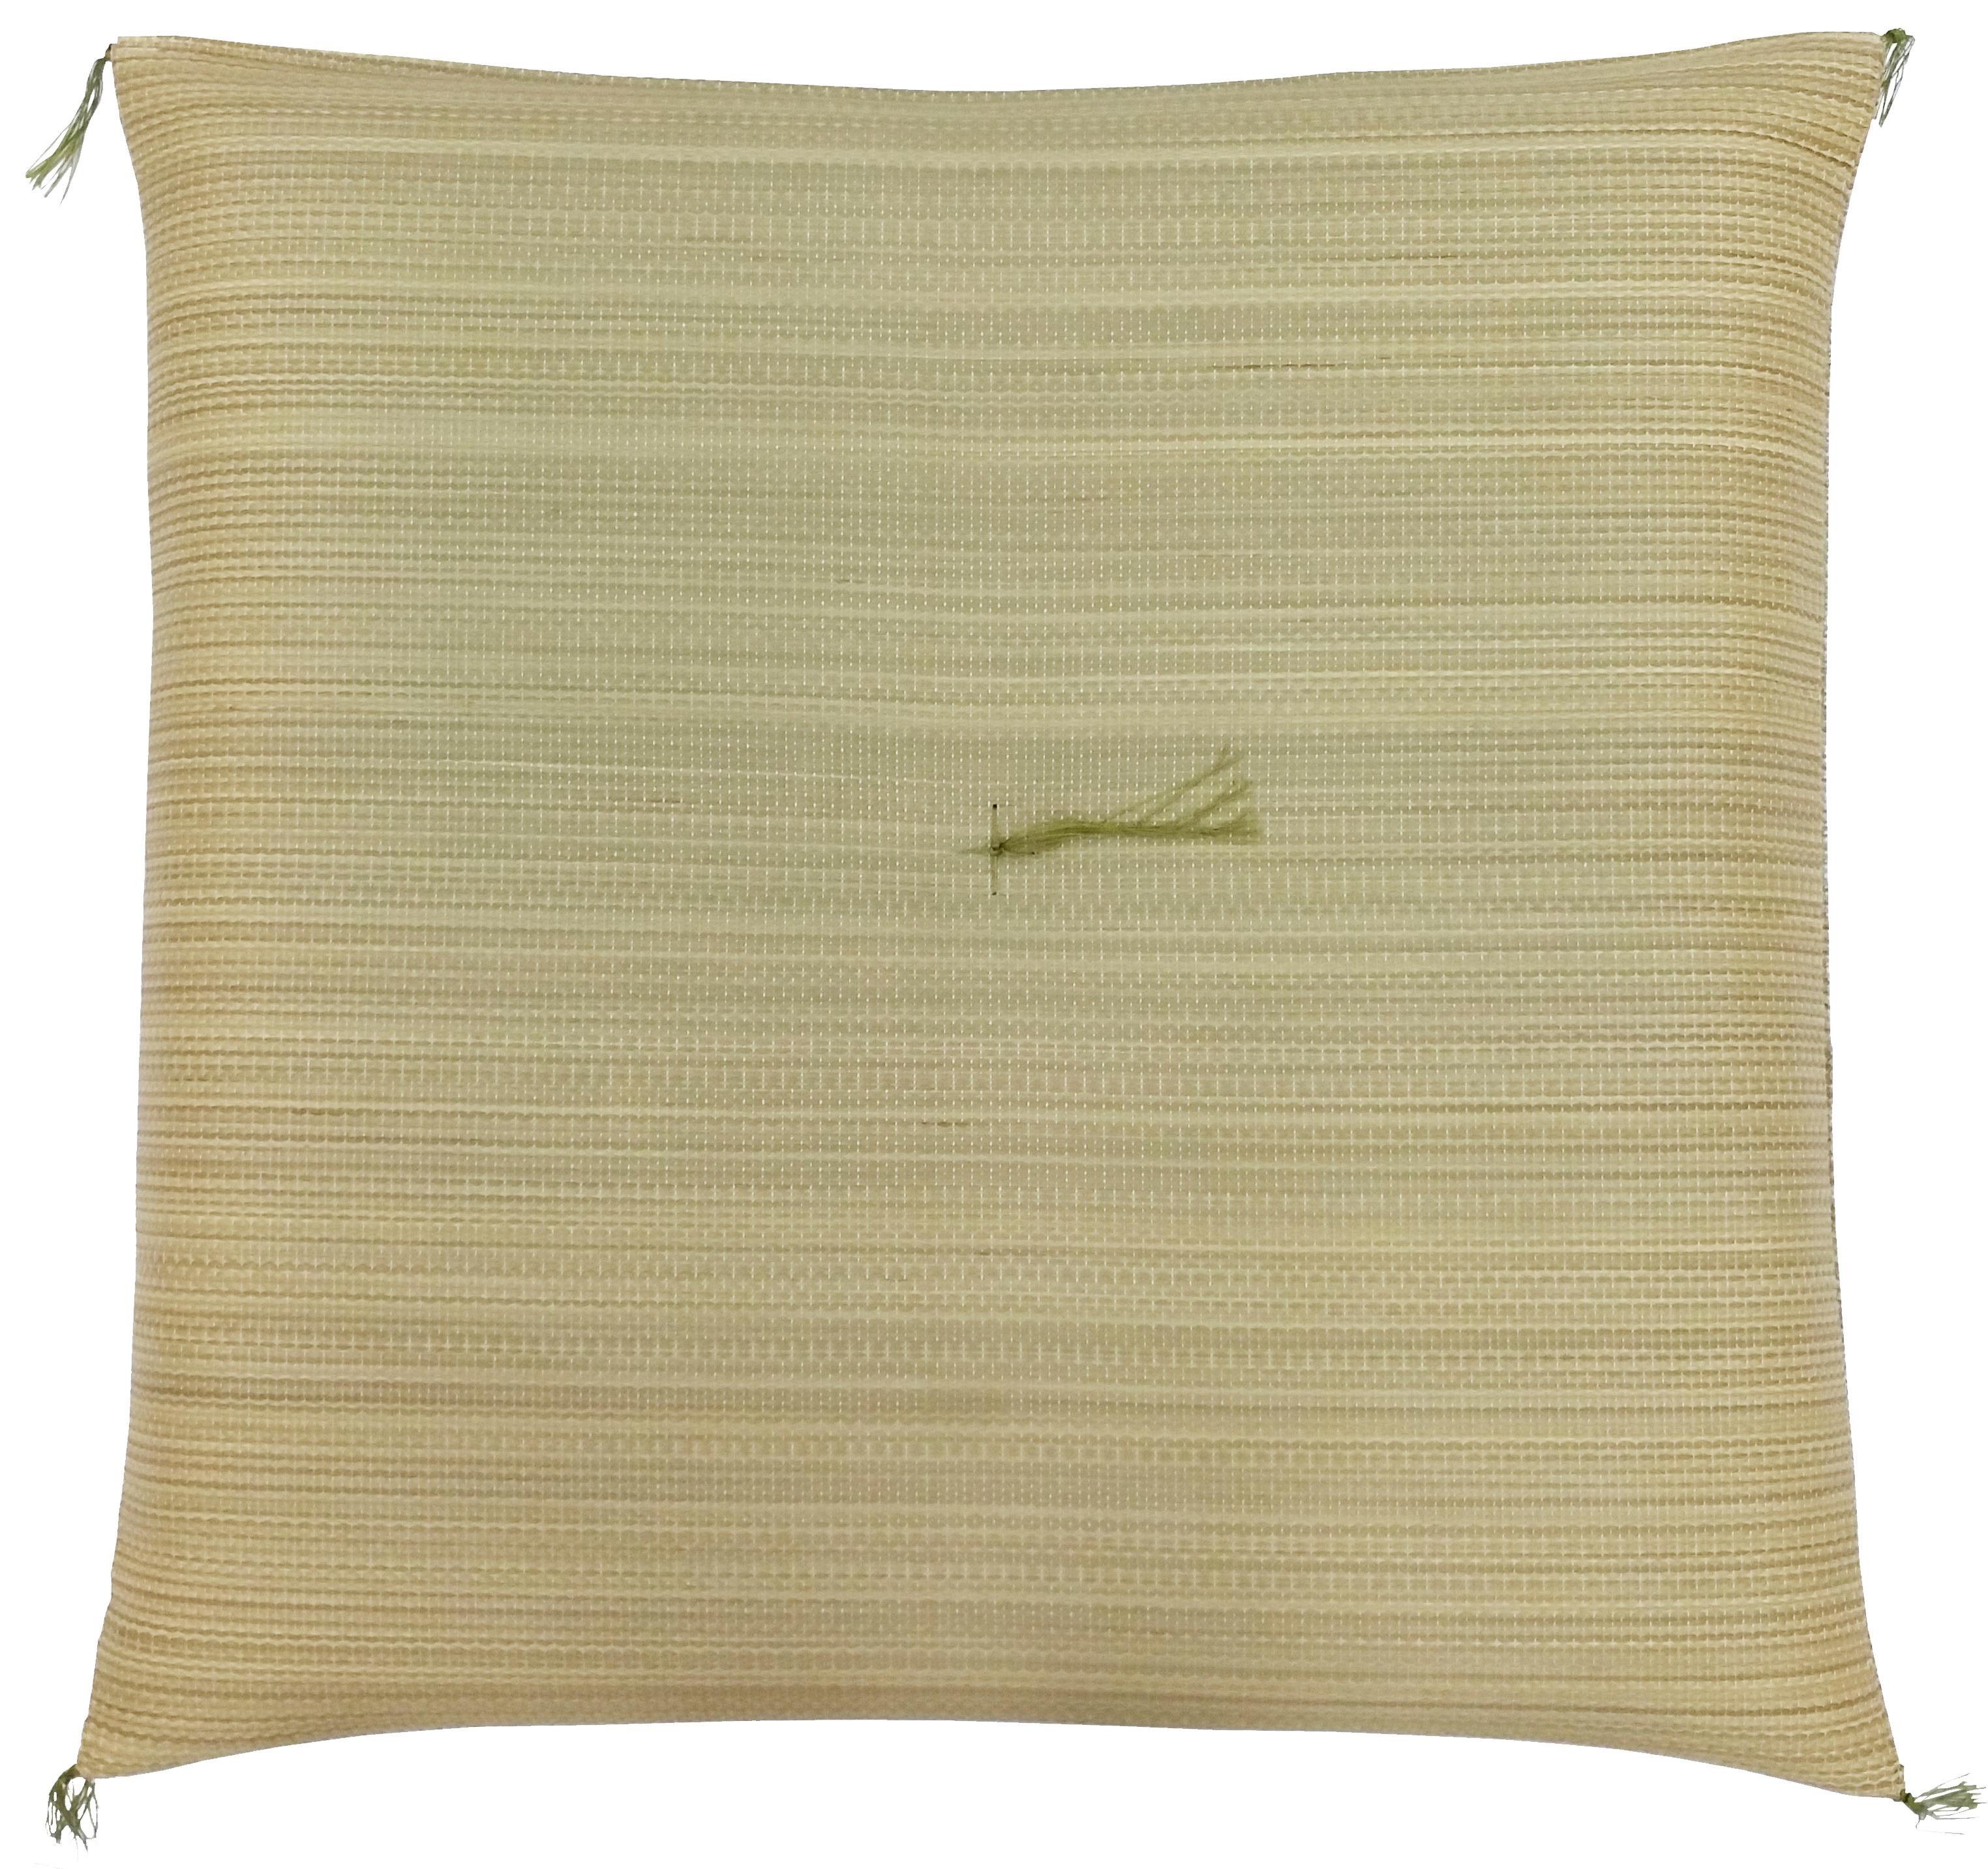 【純国産 い草座布団】ナチュラル Japanese Rush Grass Cushion : NATURAL